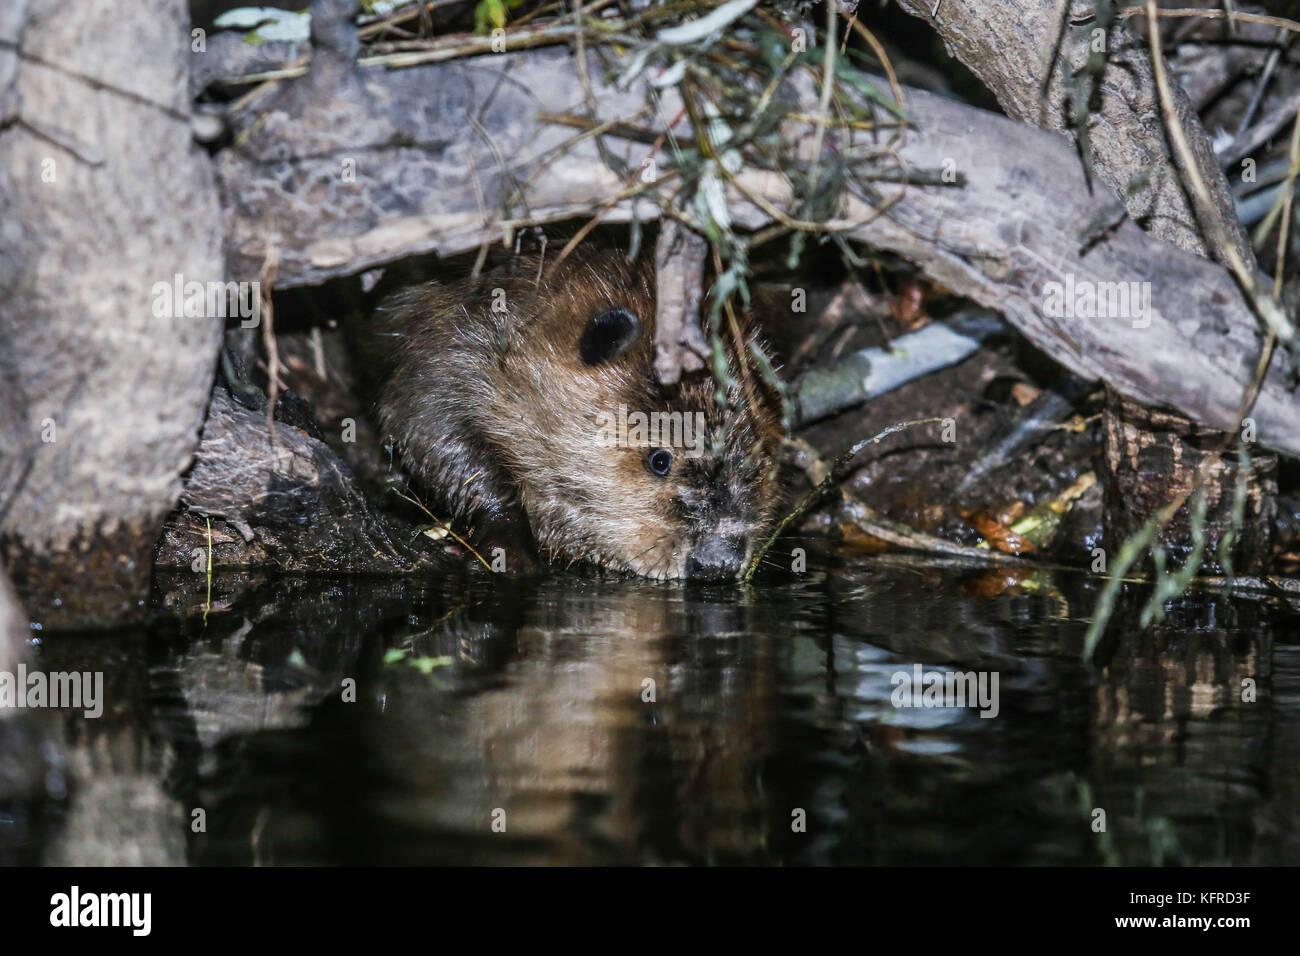 Canadian Beaver Dams Ecosystem in the Cuenca los Ojos in Agua Prieta, Sonora,  Mexico.  Castor nada en dique. Photo: Stock Photo